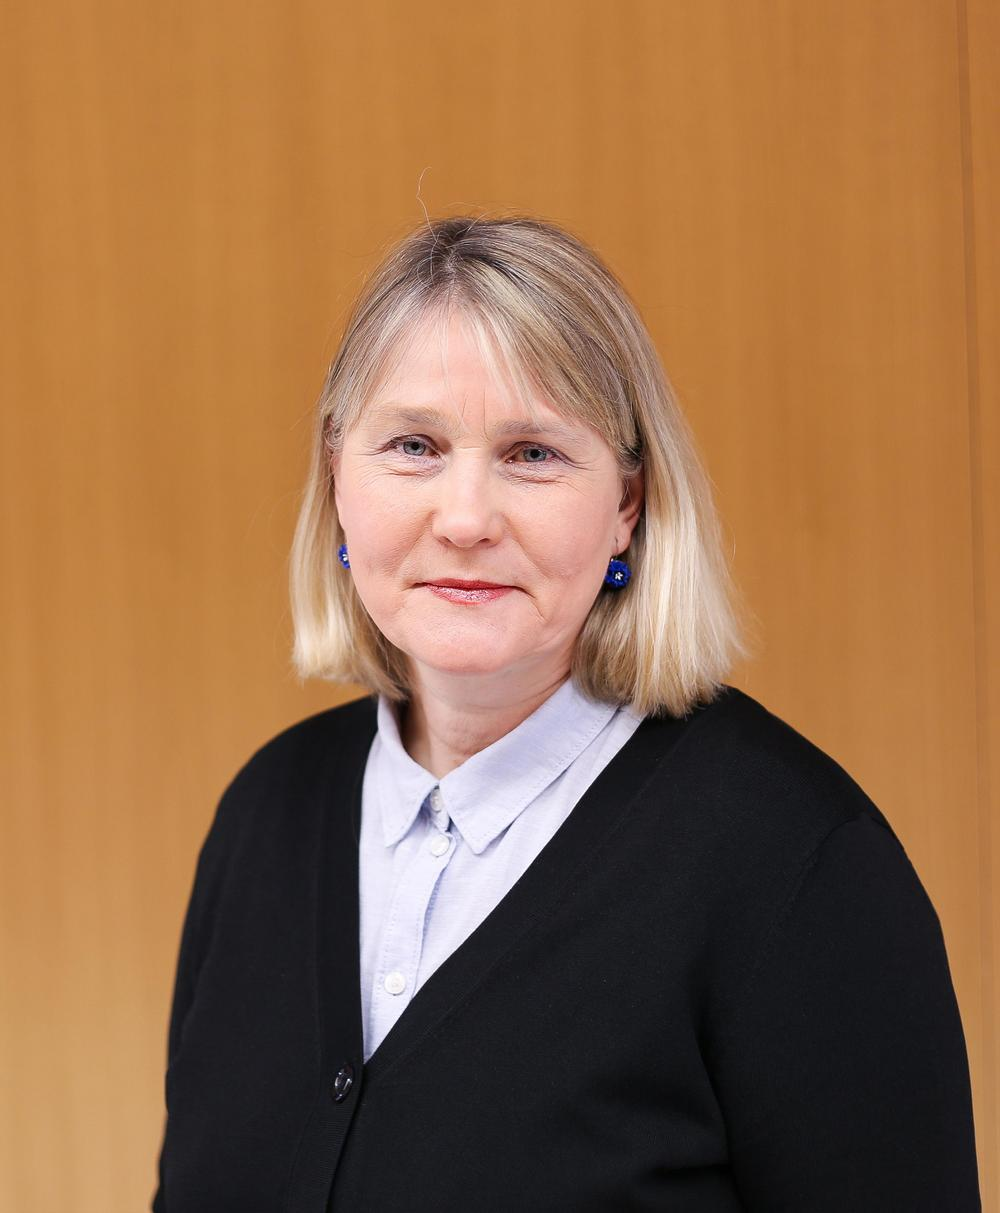 Kunnanvaltuutettu ja kuntavaaliehdokas Riina Mattila.